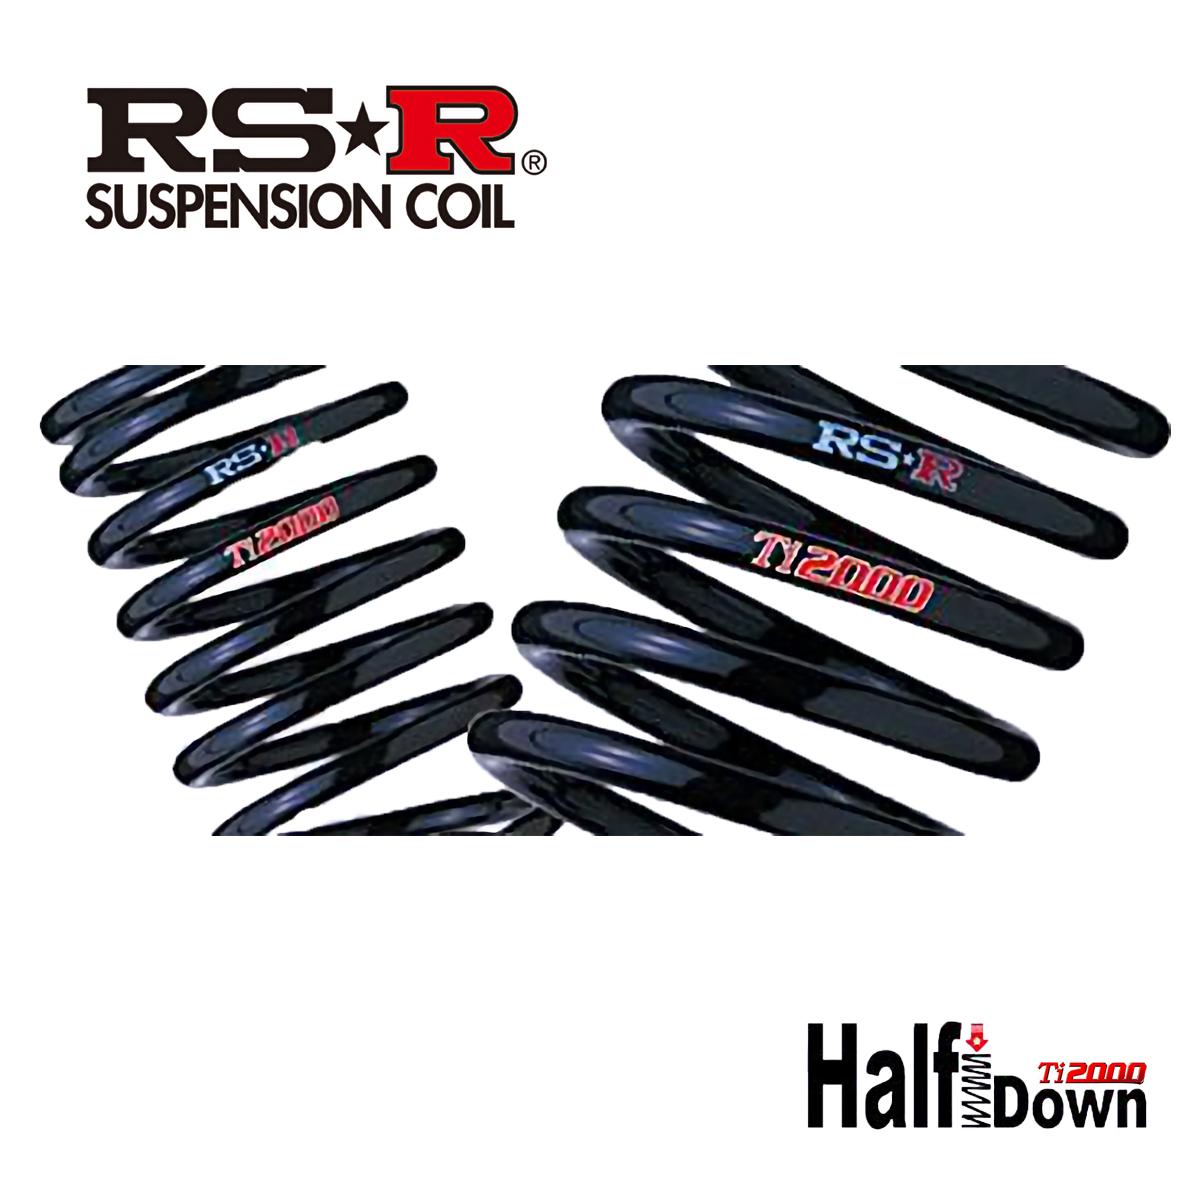 RS-R ノア ハイブリッドSi ZWR80W FF ダウンサス スプリング 1台分 T931TW Ti2000 ダウン RSR 個人宅発送追金有